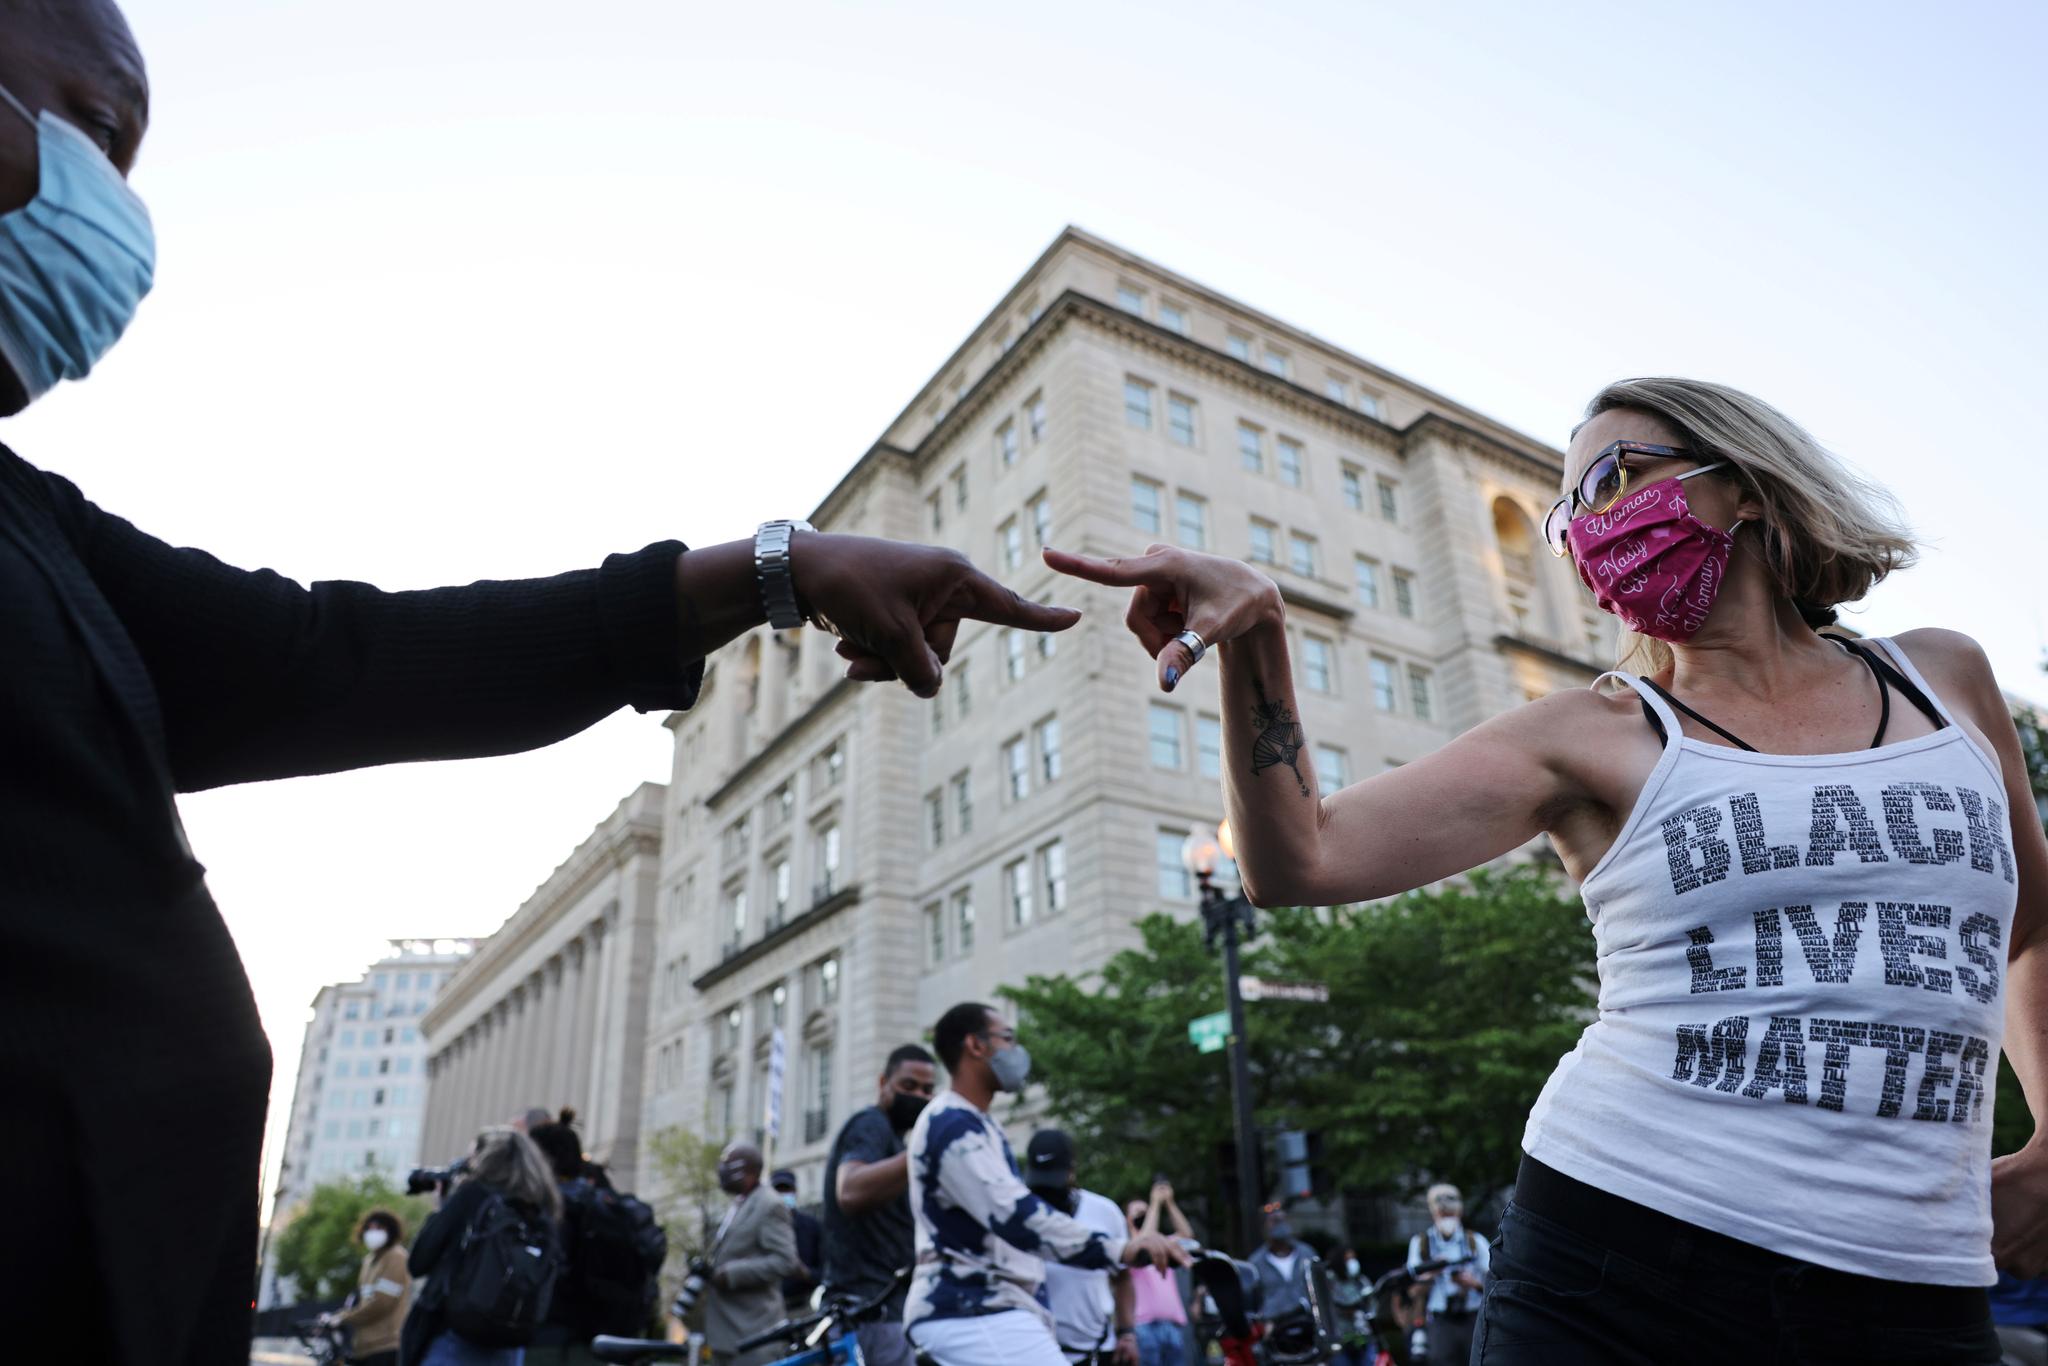 데릭 쇼빈에 대한 평결이 전해진 20일 백인 여성과 흑인 남성이 미국 워싱턴 DC BLM 광장에서 손가락을 마주 대고 있다. 로이터=연합뉴스